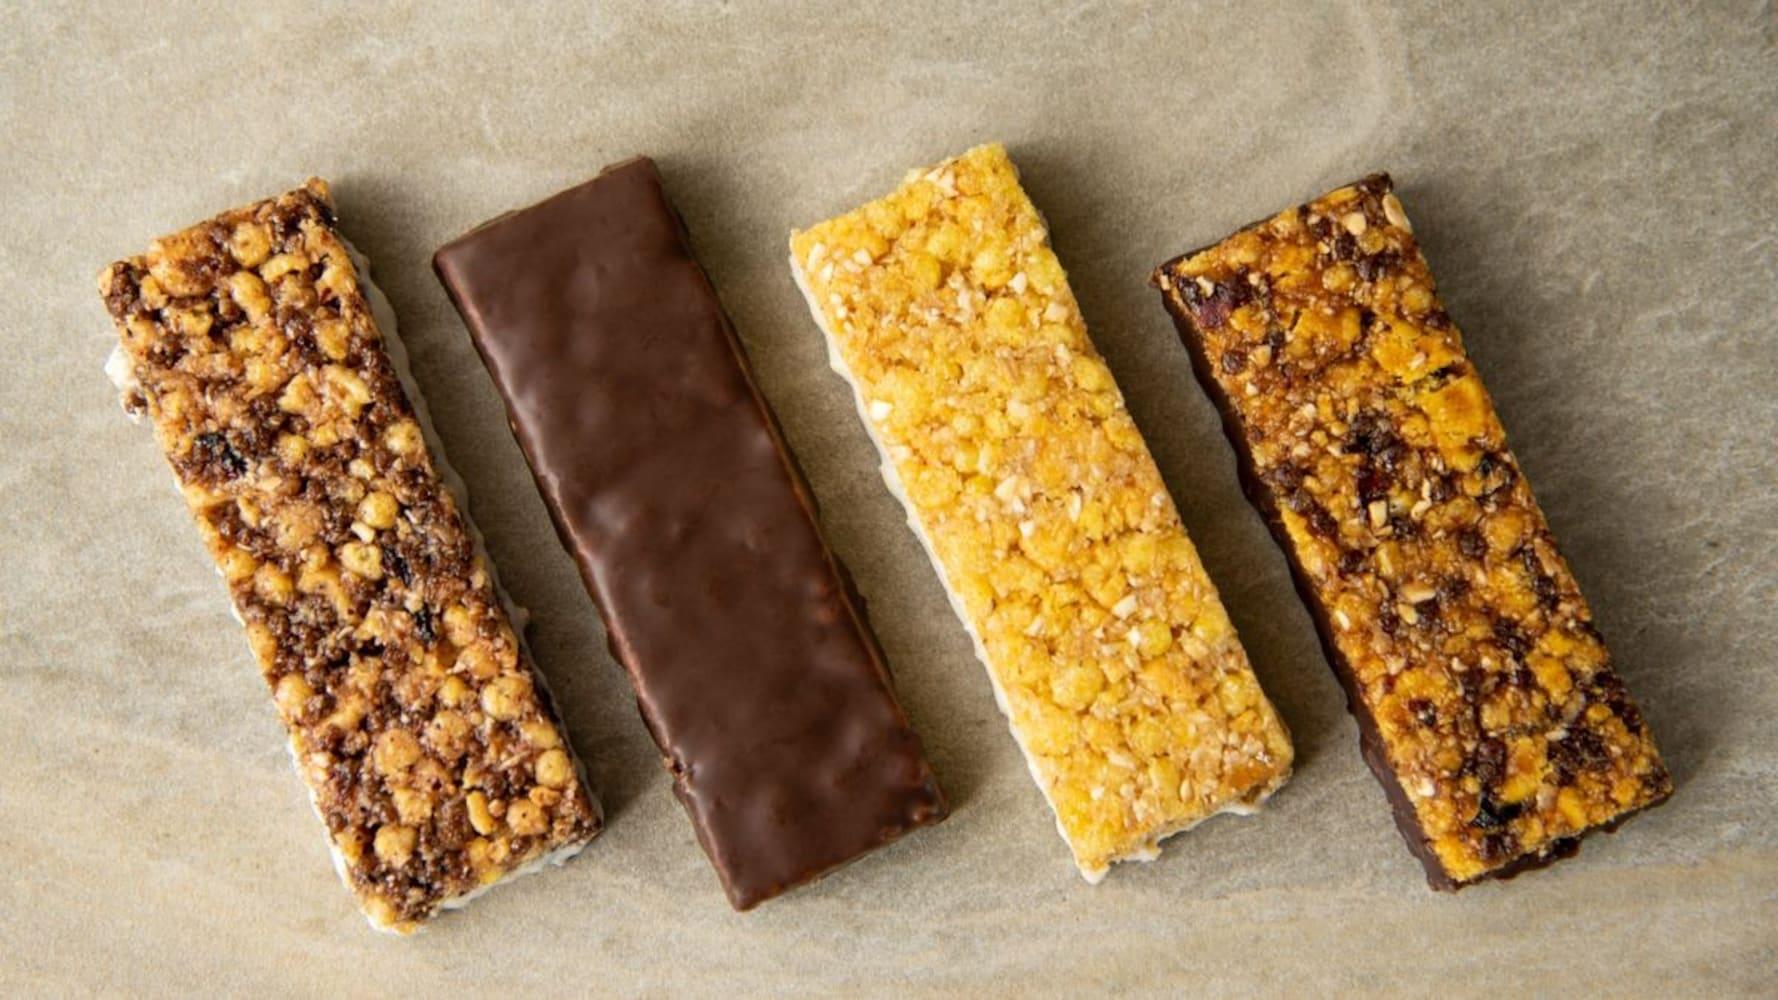 味、素材|チョコやベリーなど好みに合ったものを